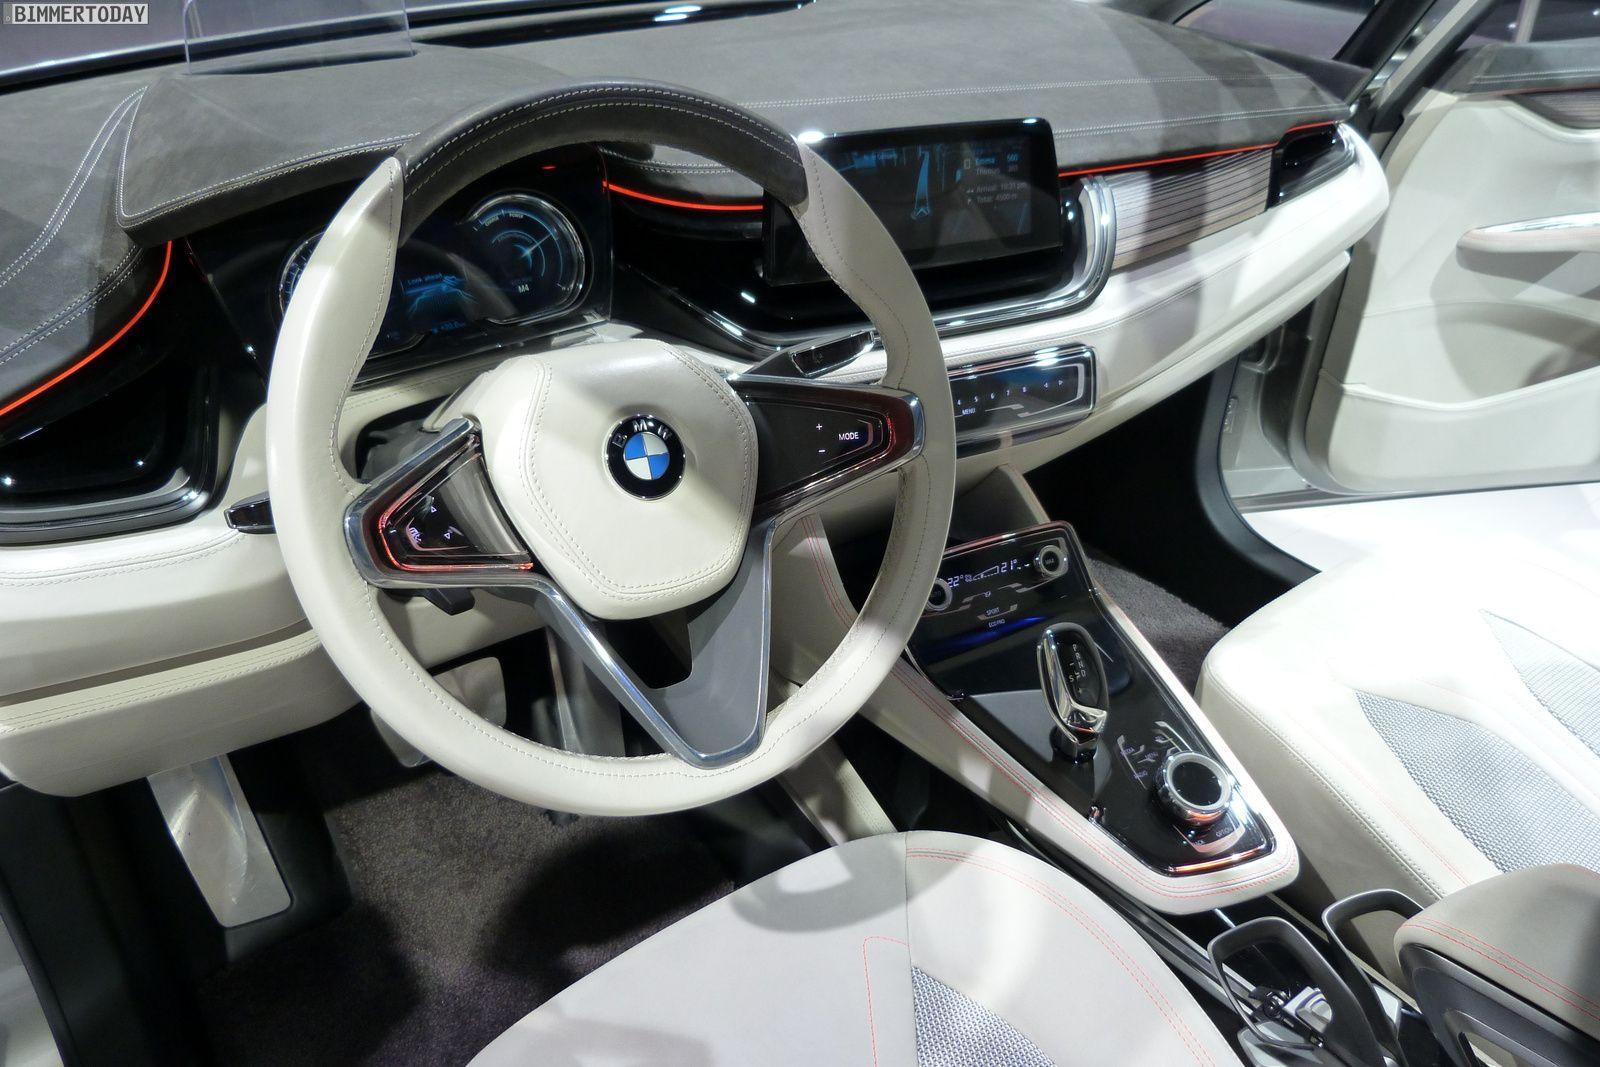 Bmw active touer concept autosalon paris 2012 interieur 03 jpg 1600 1067 bmw pinterest